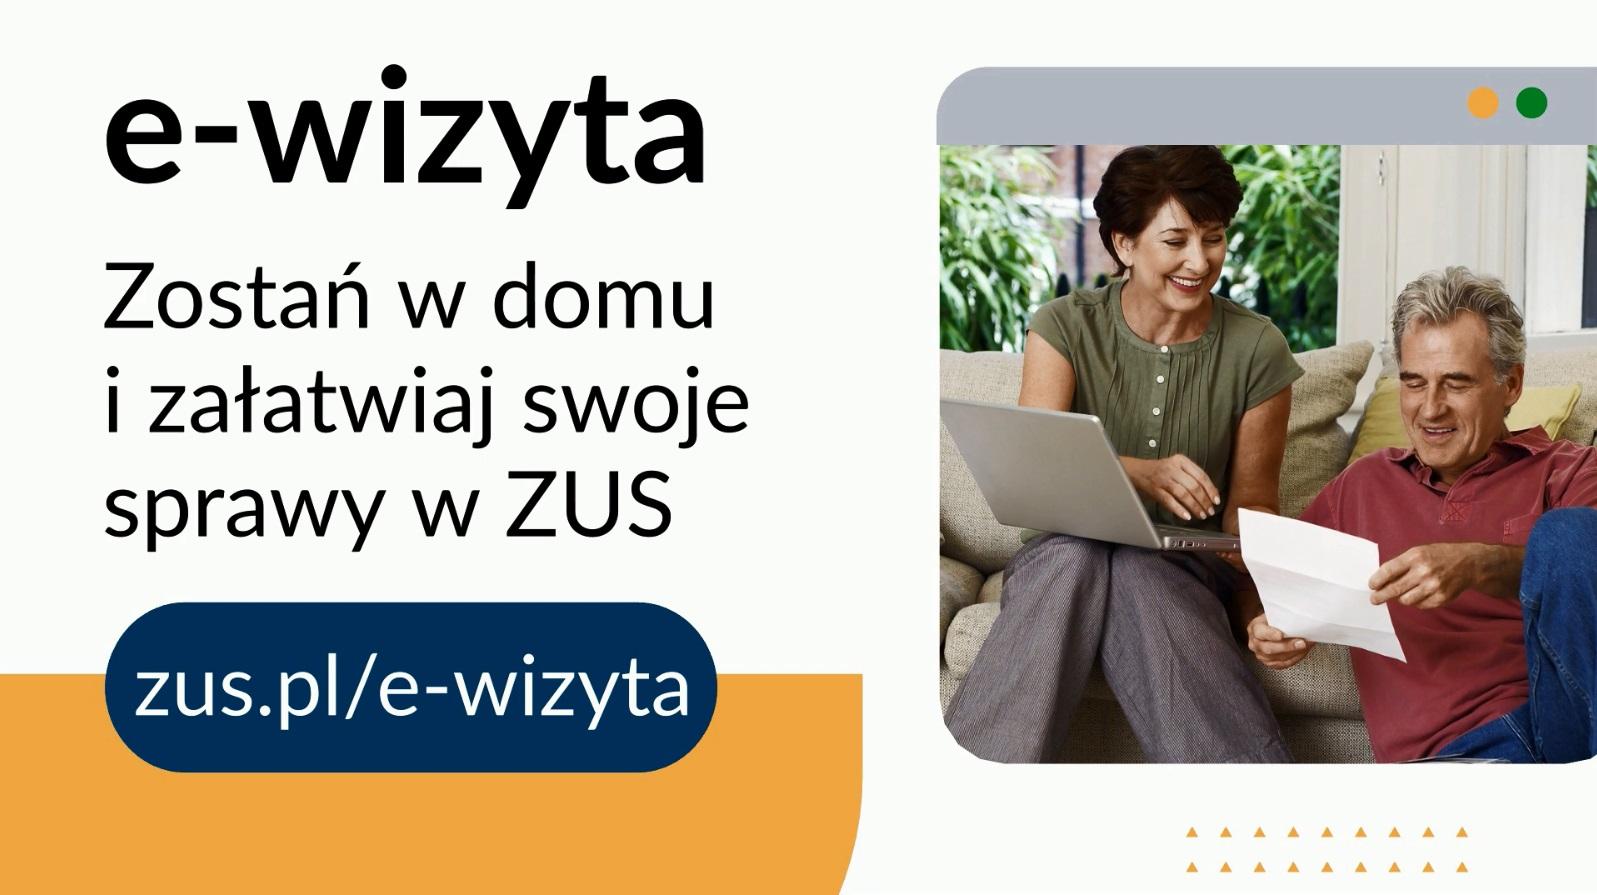 e wizyta ZUS uruchamia e-wizyty